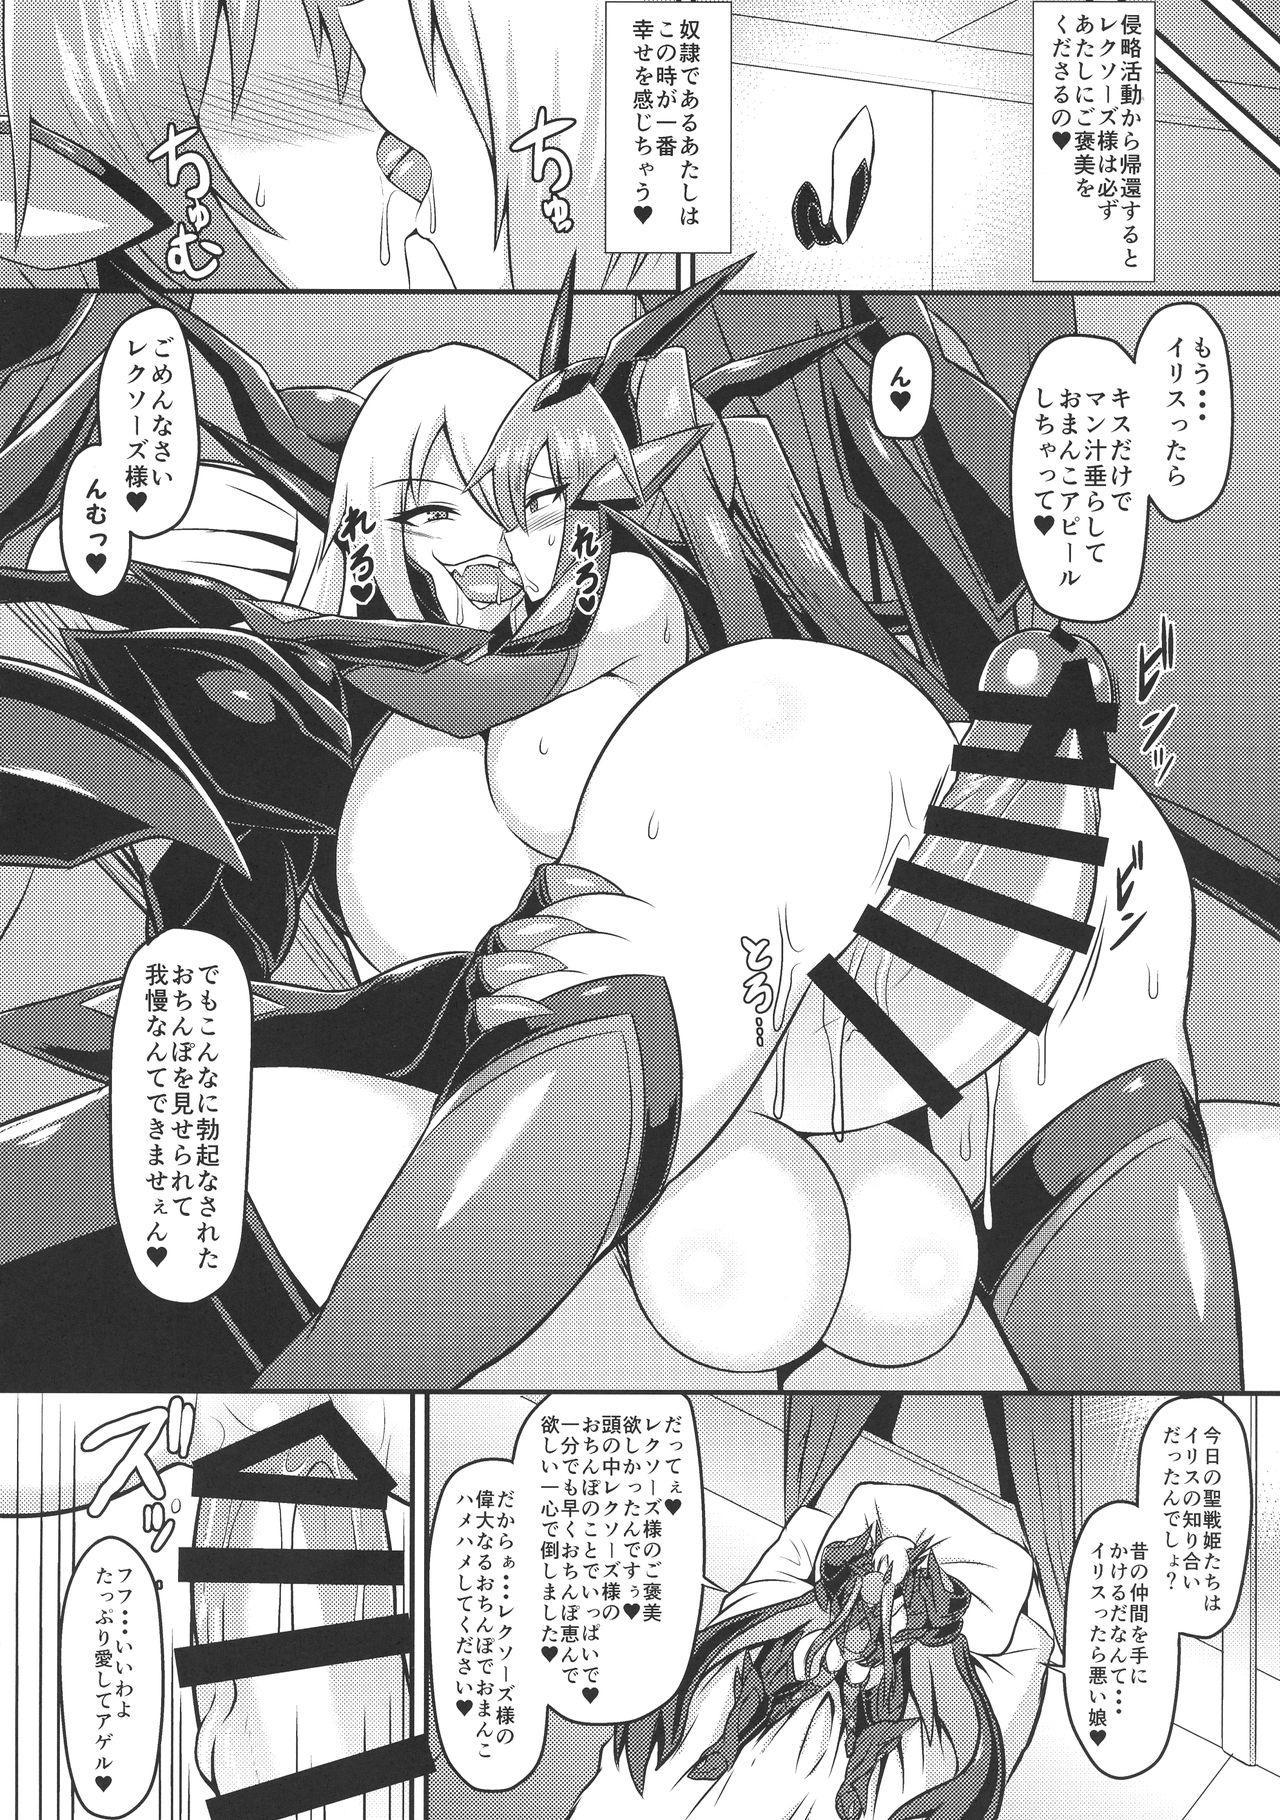 Seisenki Iris 3 7